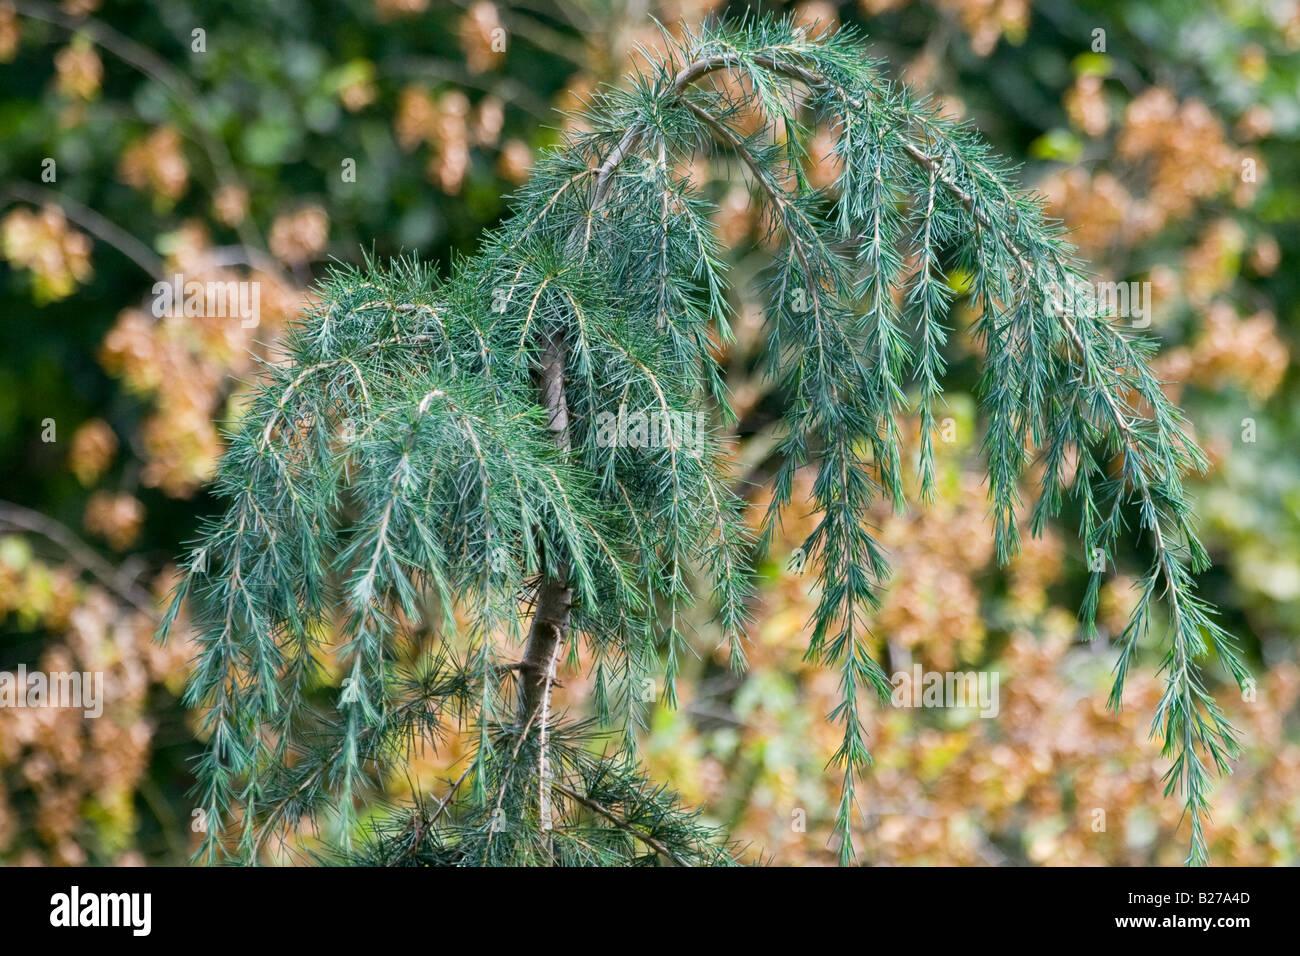 Himalayan Cedar - Cedrus deodara - Stock Image